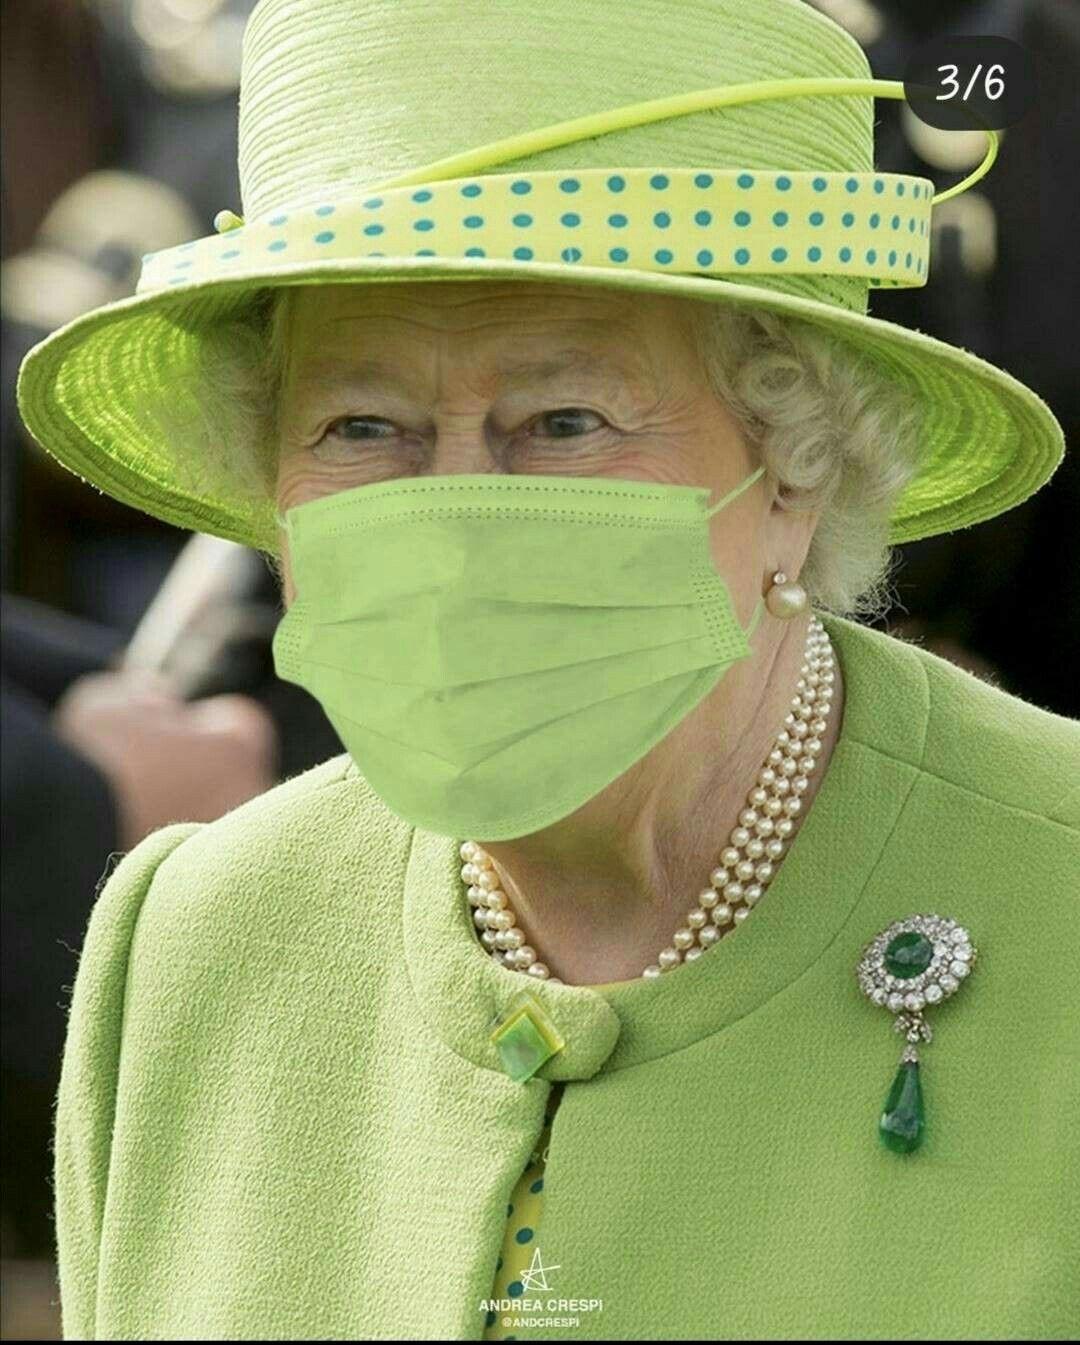 Pin By Marko Reinvald On Queen In 2021 Her Majesty The Queen Queen Elizabeth Queen Of England [ 1345 x 1080 Pixel ]